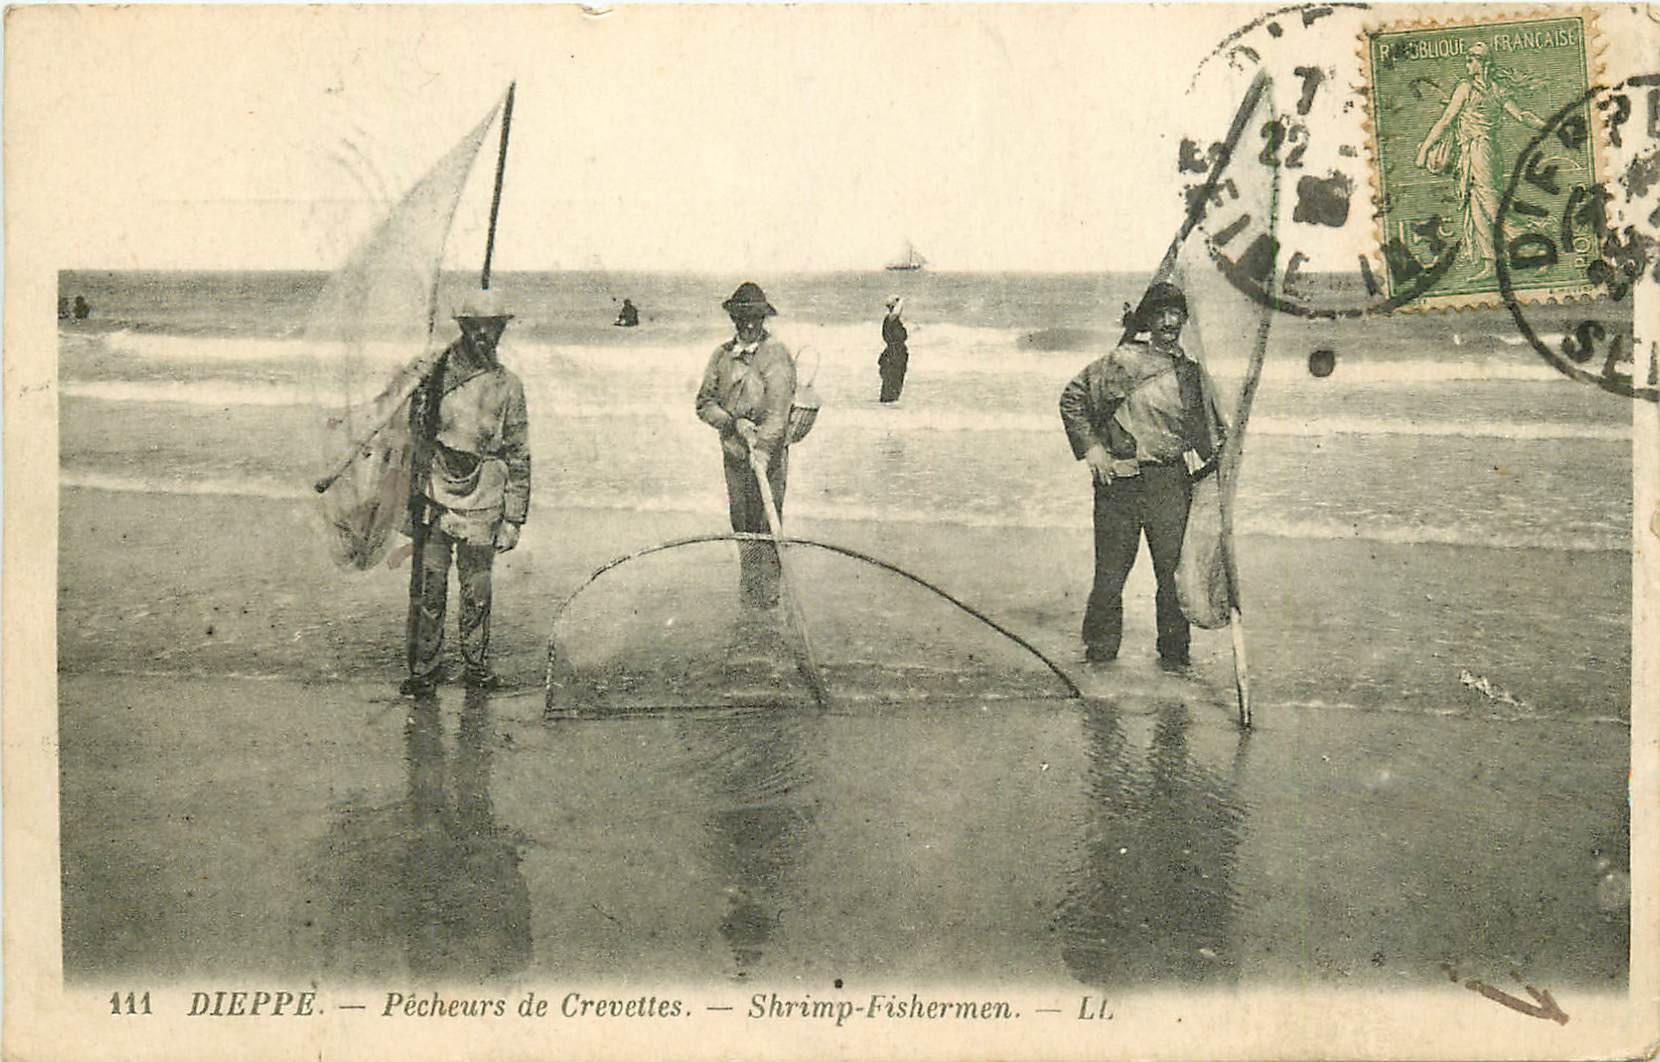 76 DIEPPE. Pêcheurs de Crevettes 1926. Métiers de la Mer